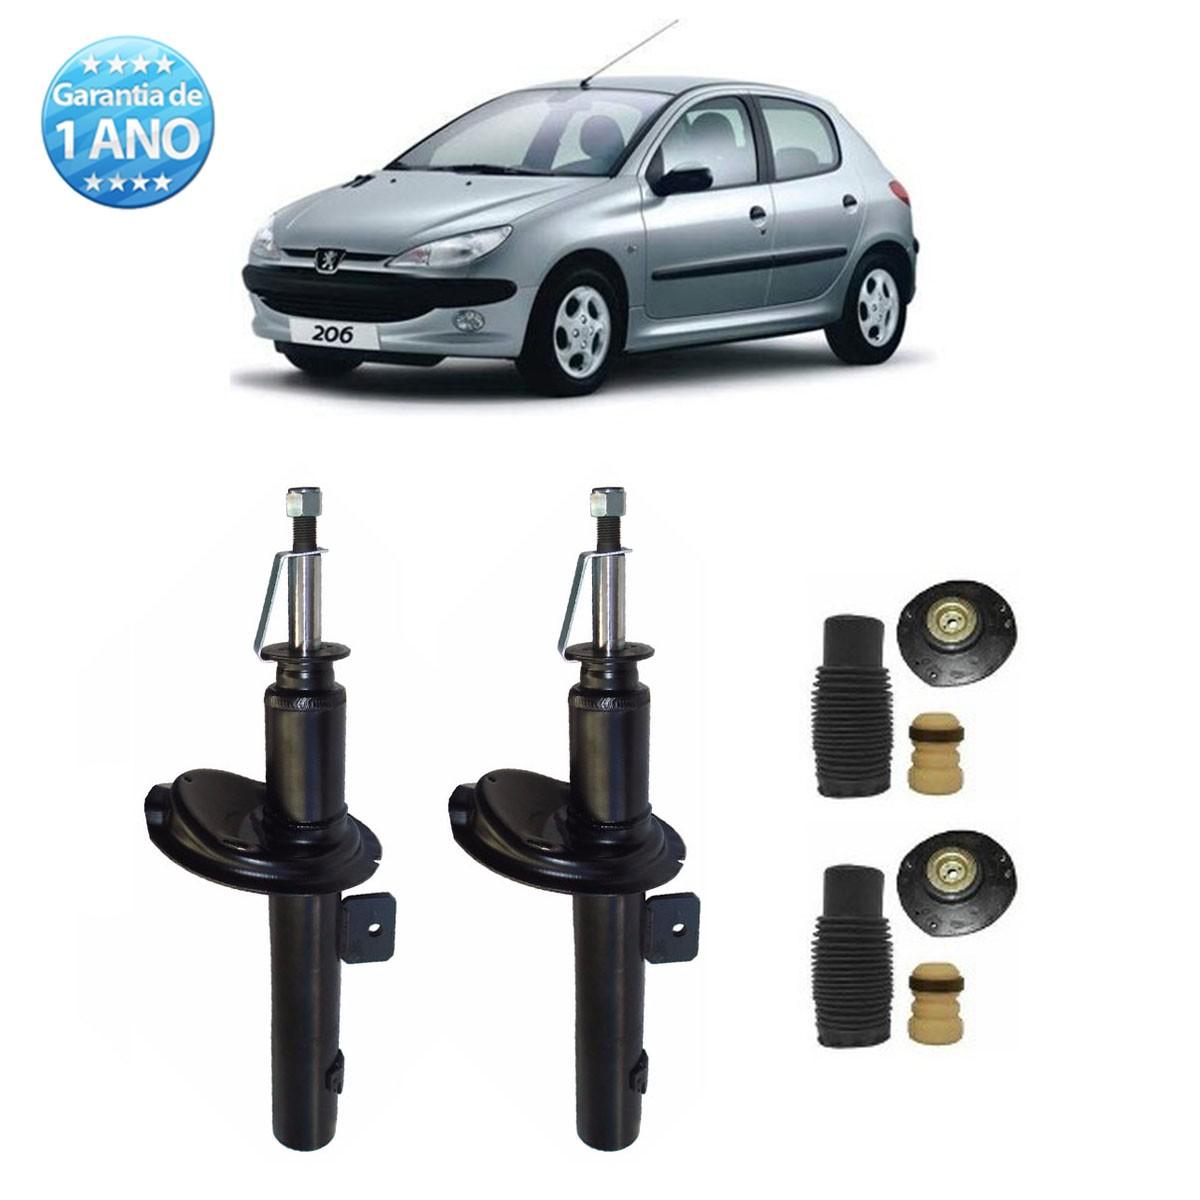 Par de Amortecedores Dianteiro Remanufaturados Peugeot 206 1.6 e Sw 1999 Até 2010 + Kit da Suspensão